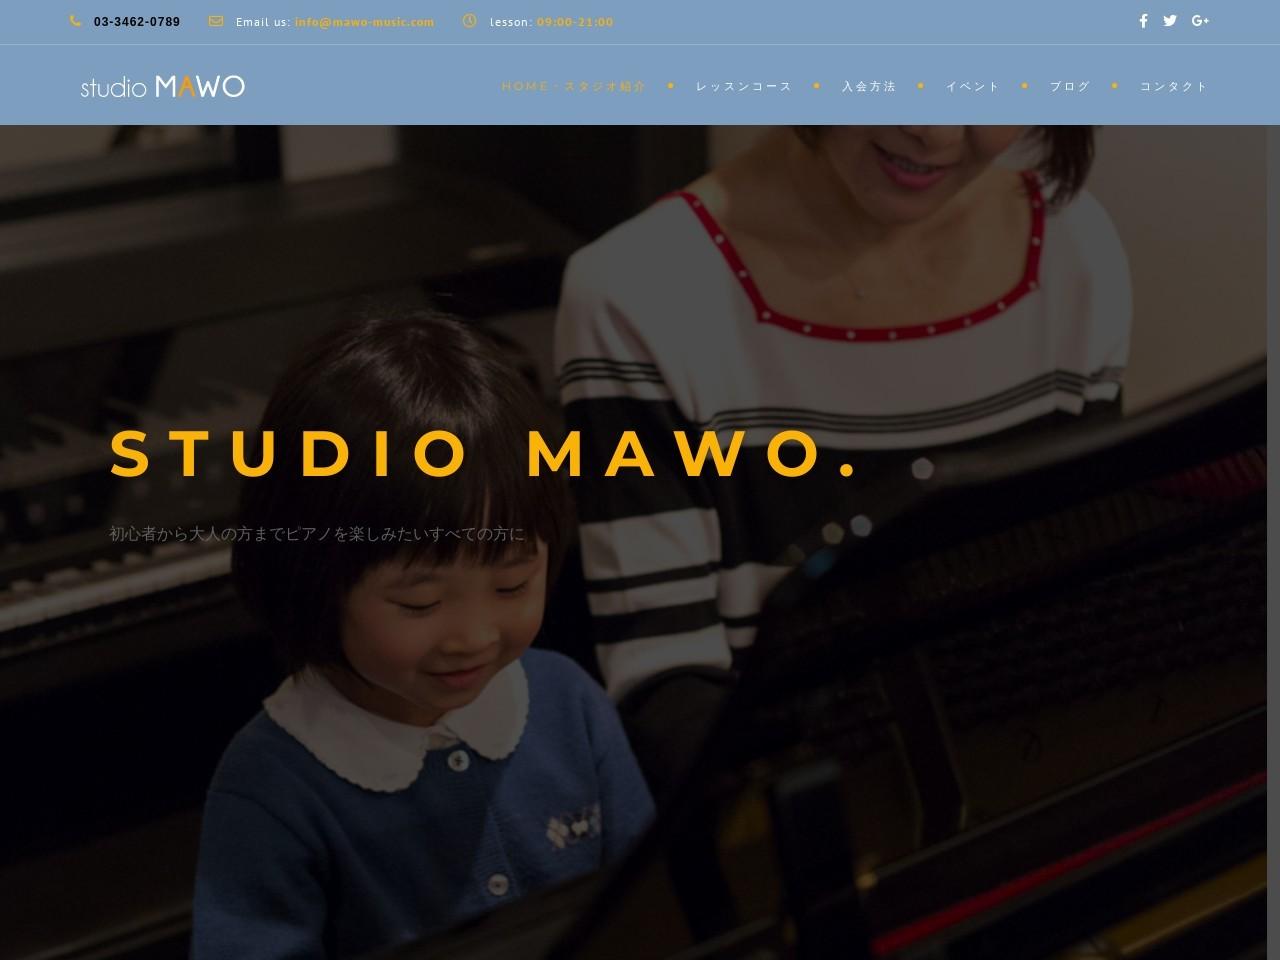 スタジオMAWOのサムネイル